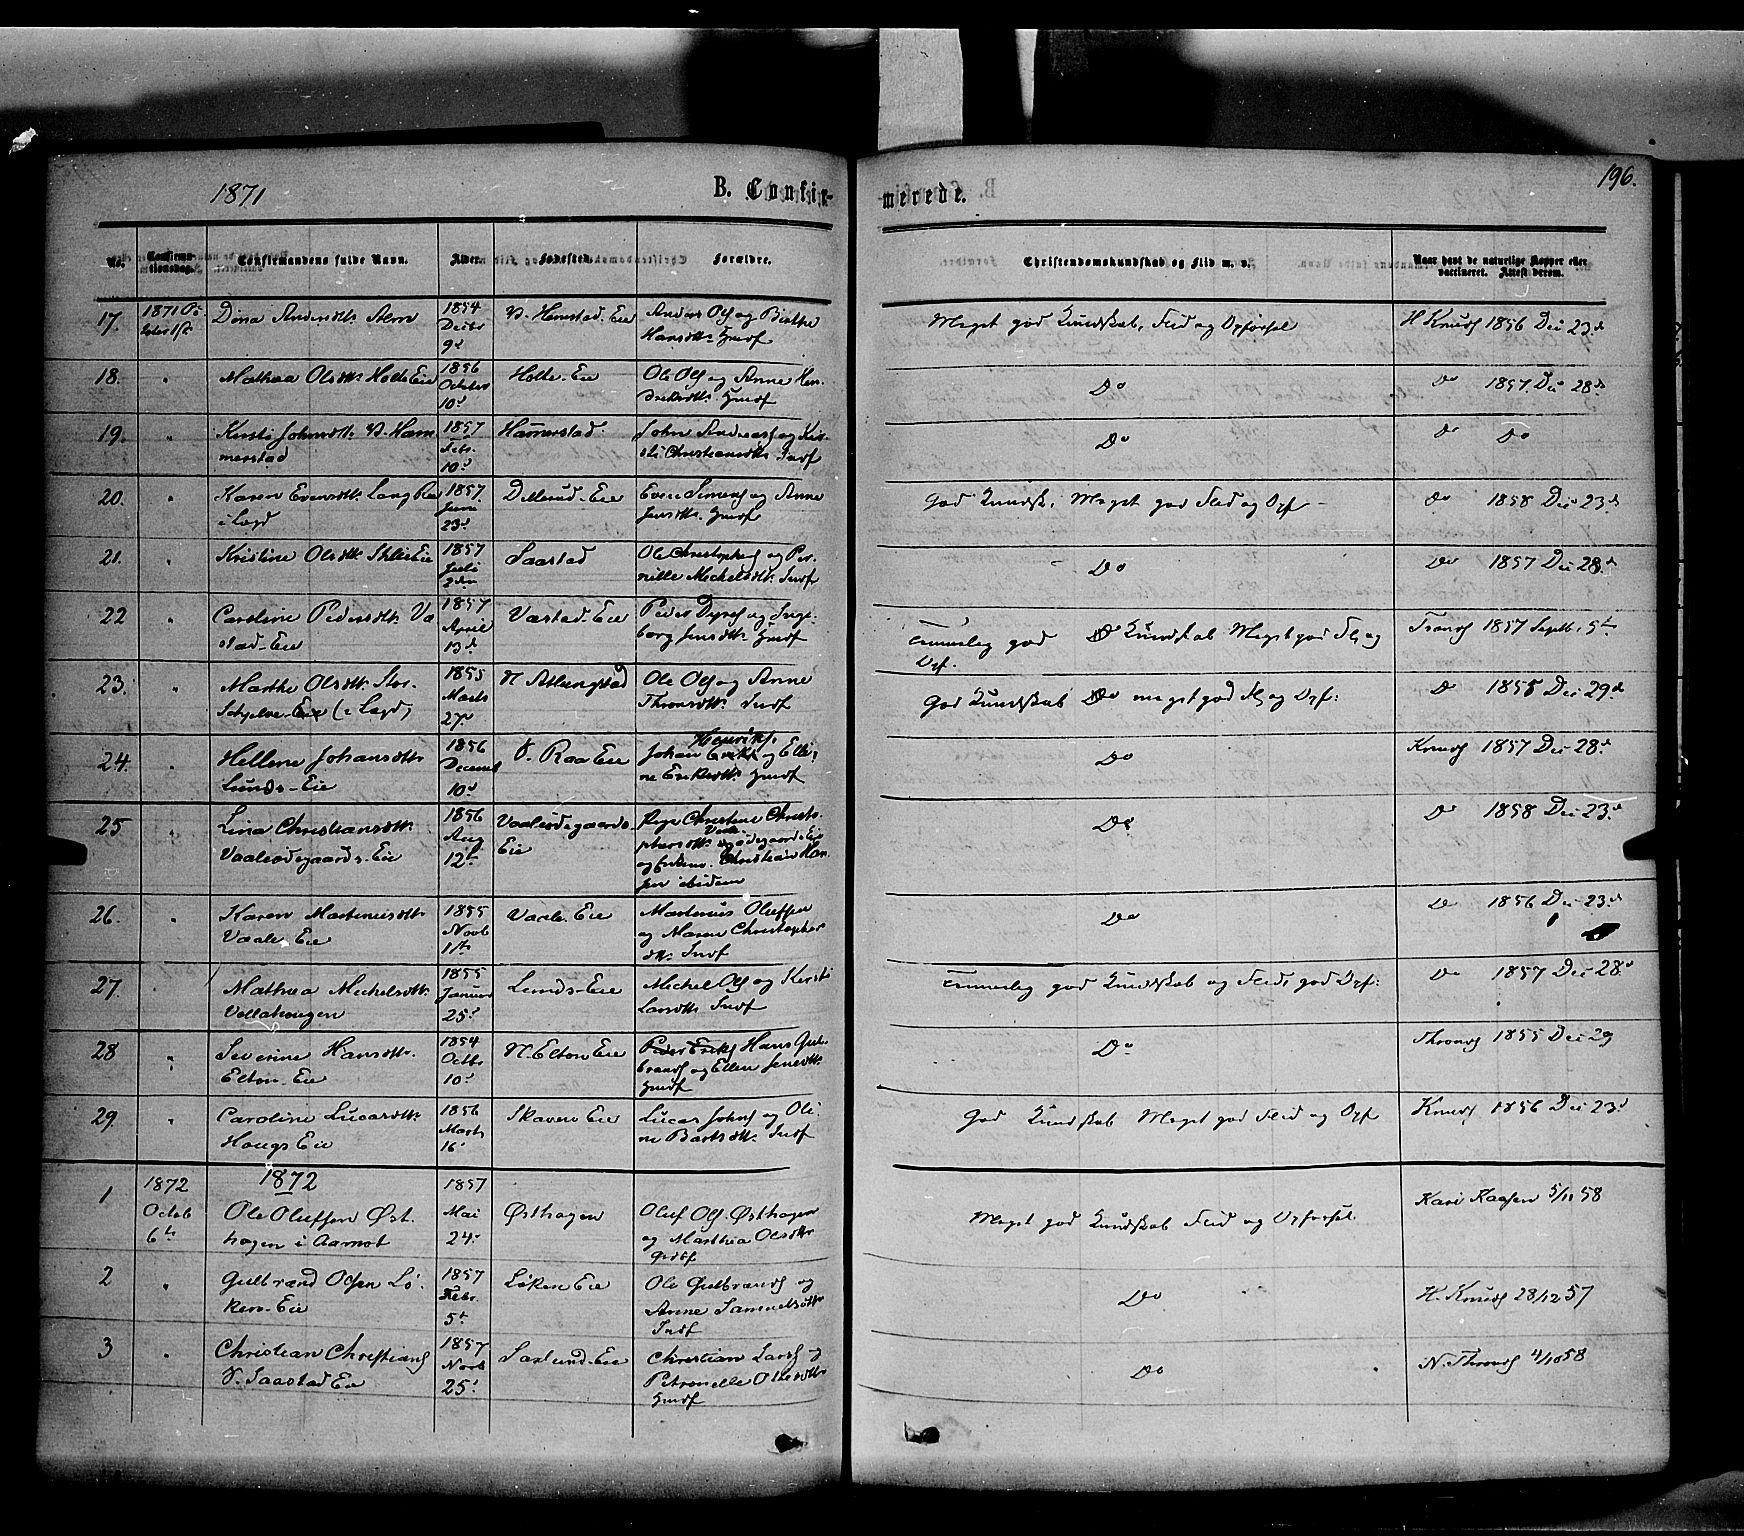 SAH, Stange prestekontor, K/L0013: Parish register (official) no. 13, 1862-1879, p. 196